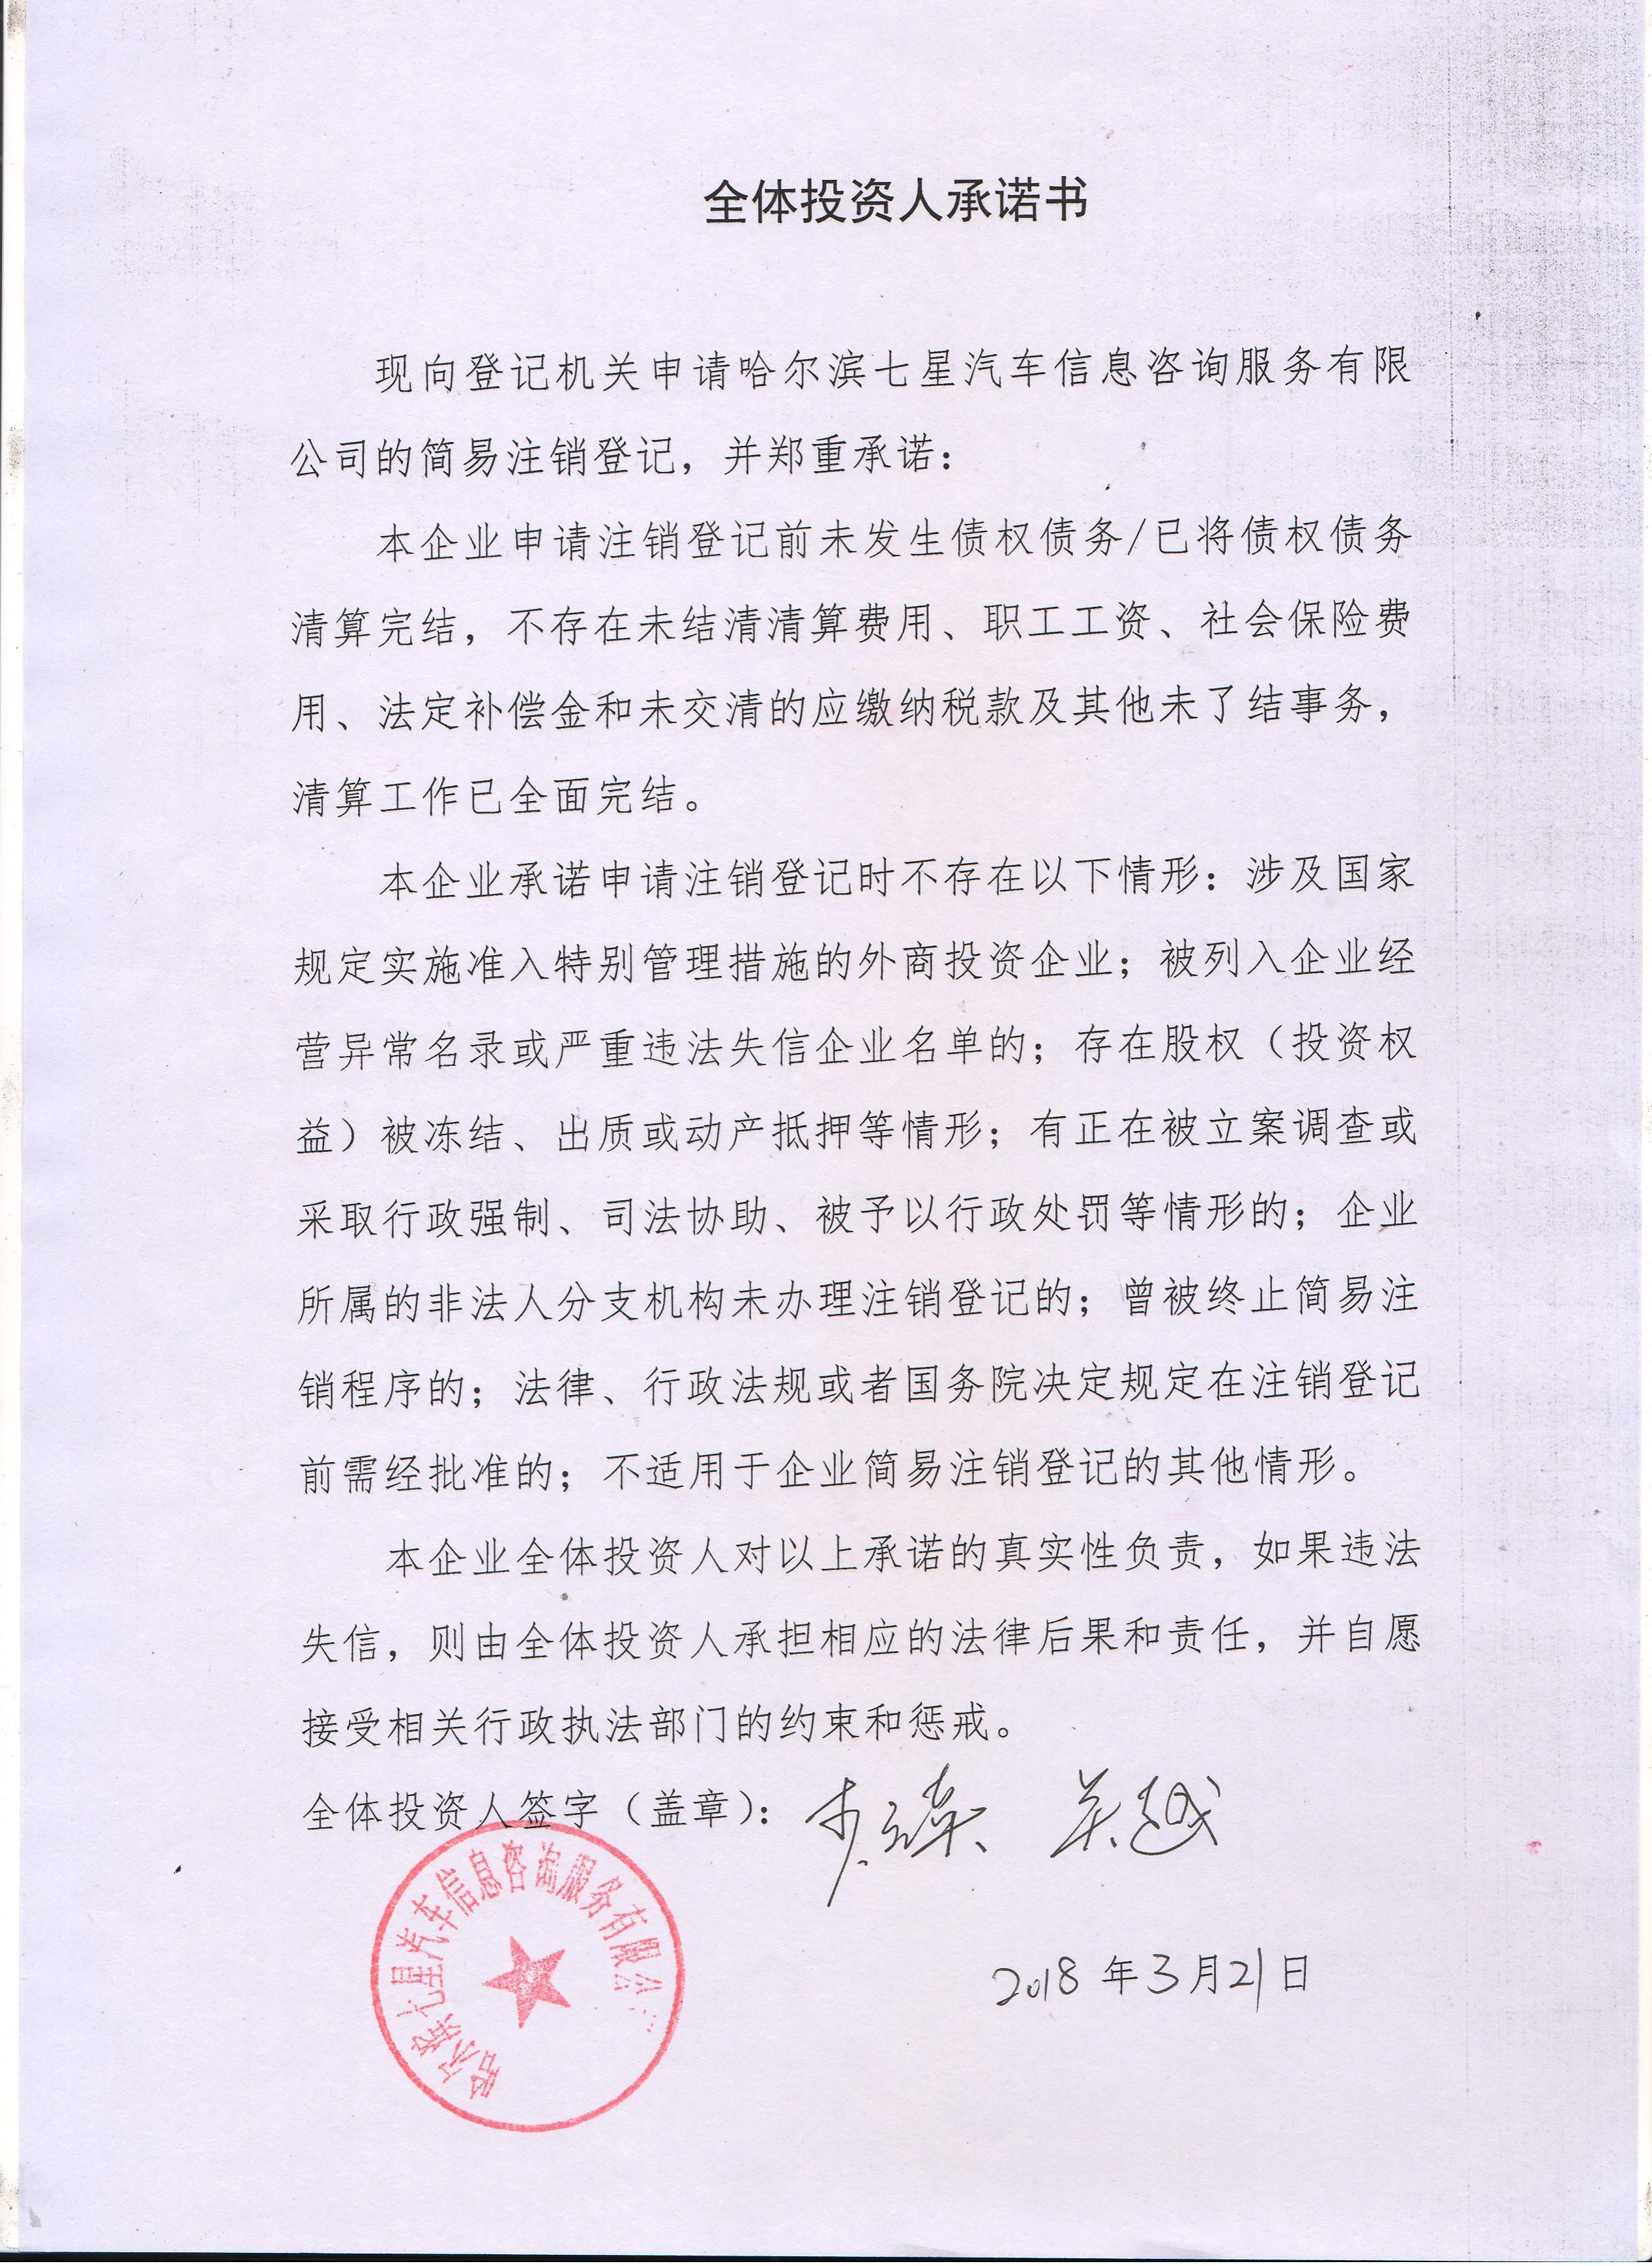 哈尔滨七星汽车信息咨询服务有限公司